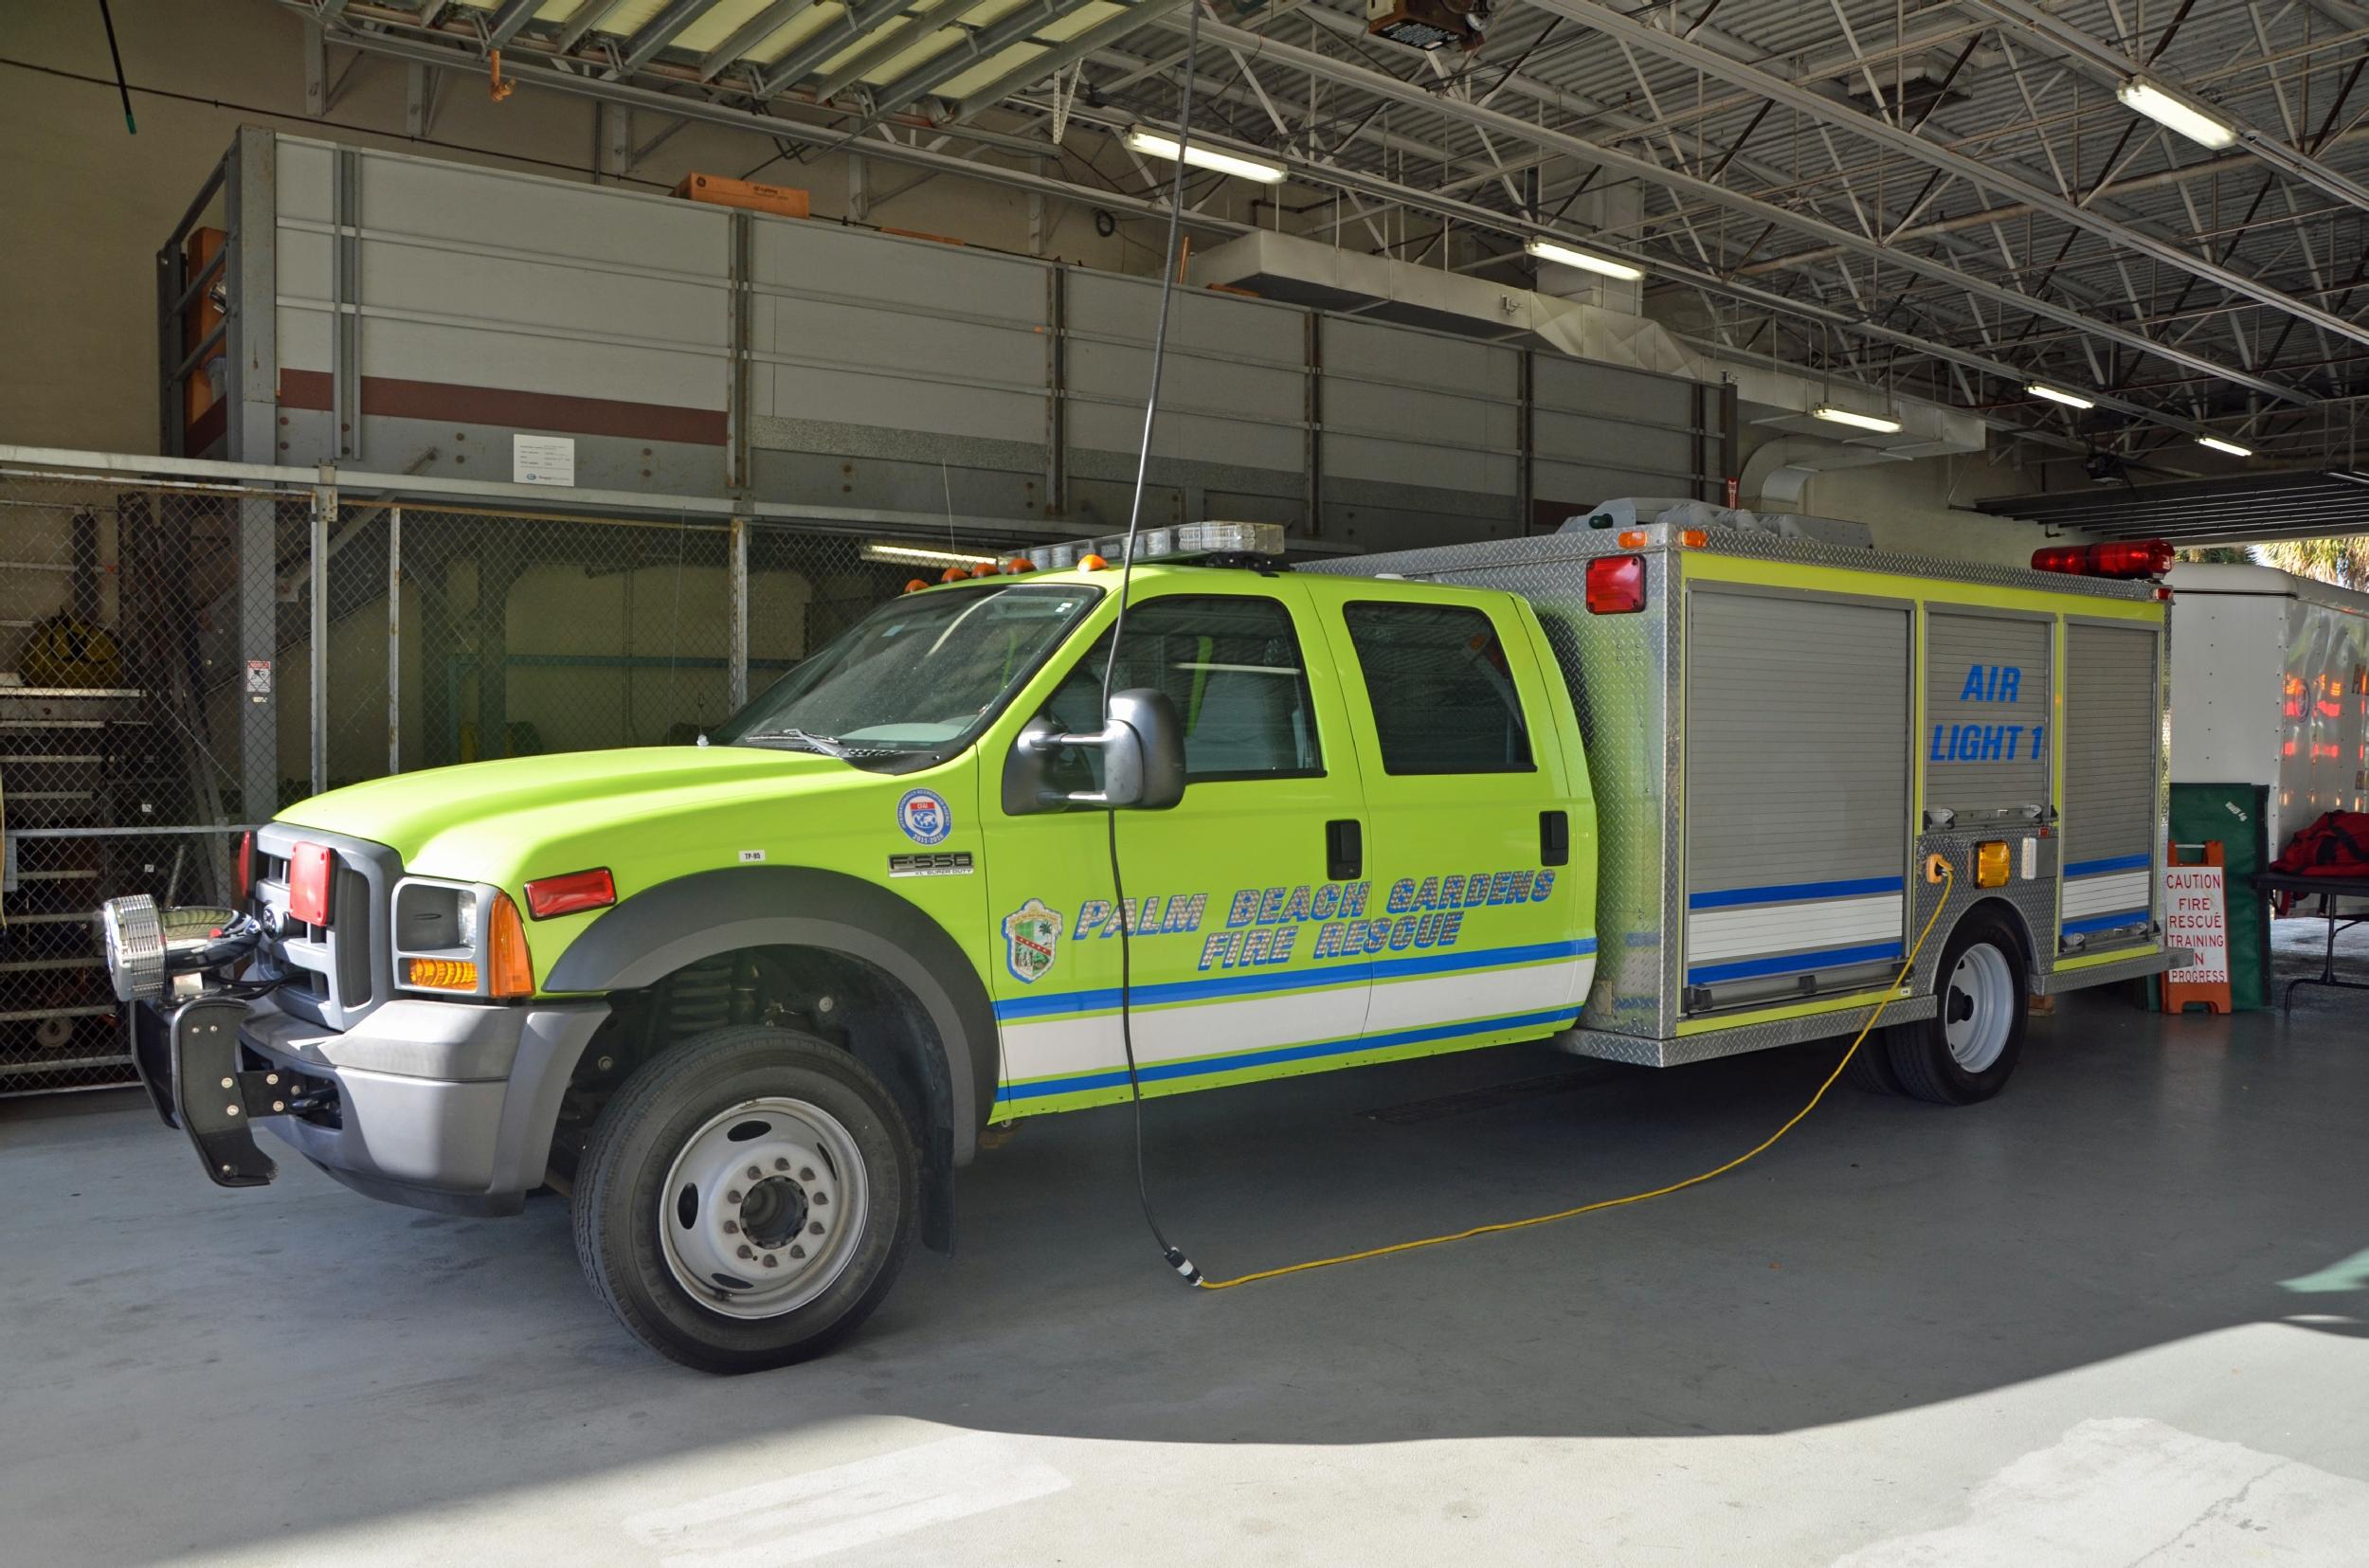 Fl palm beach gardens fire department special operations - Palm beach gardens police department ...